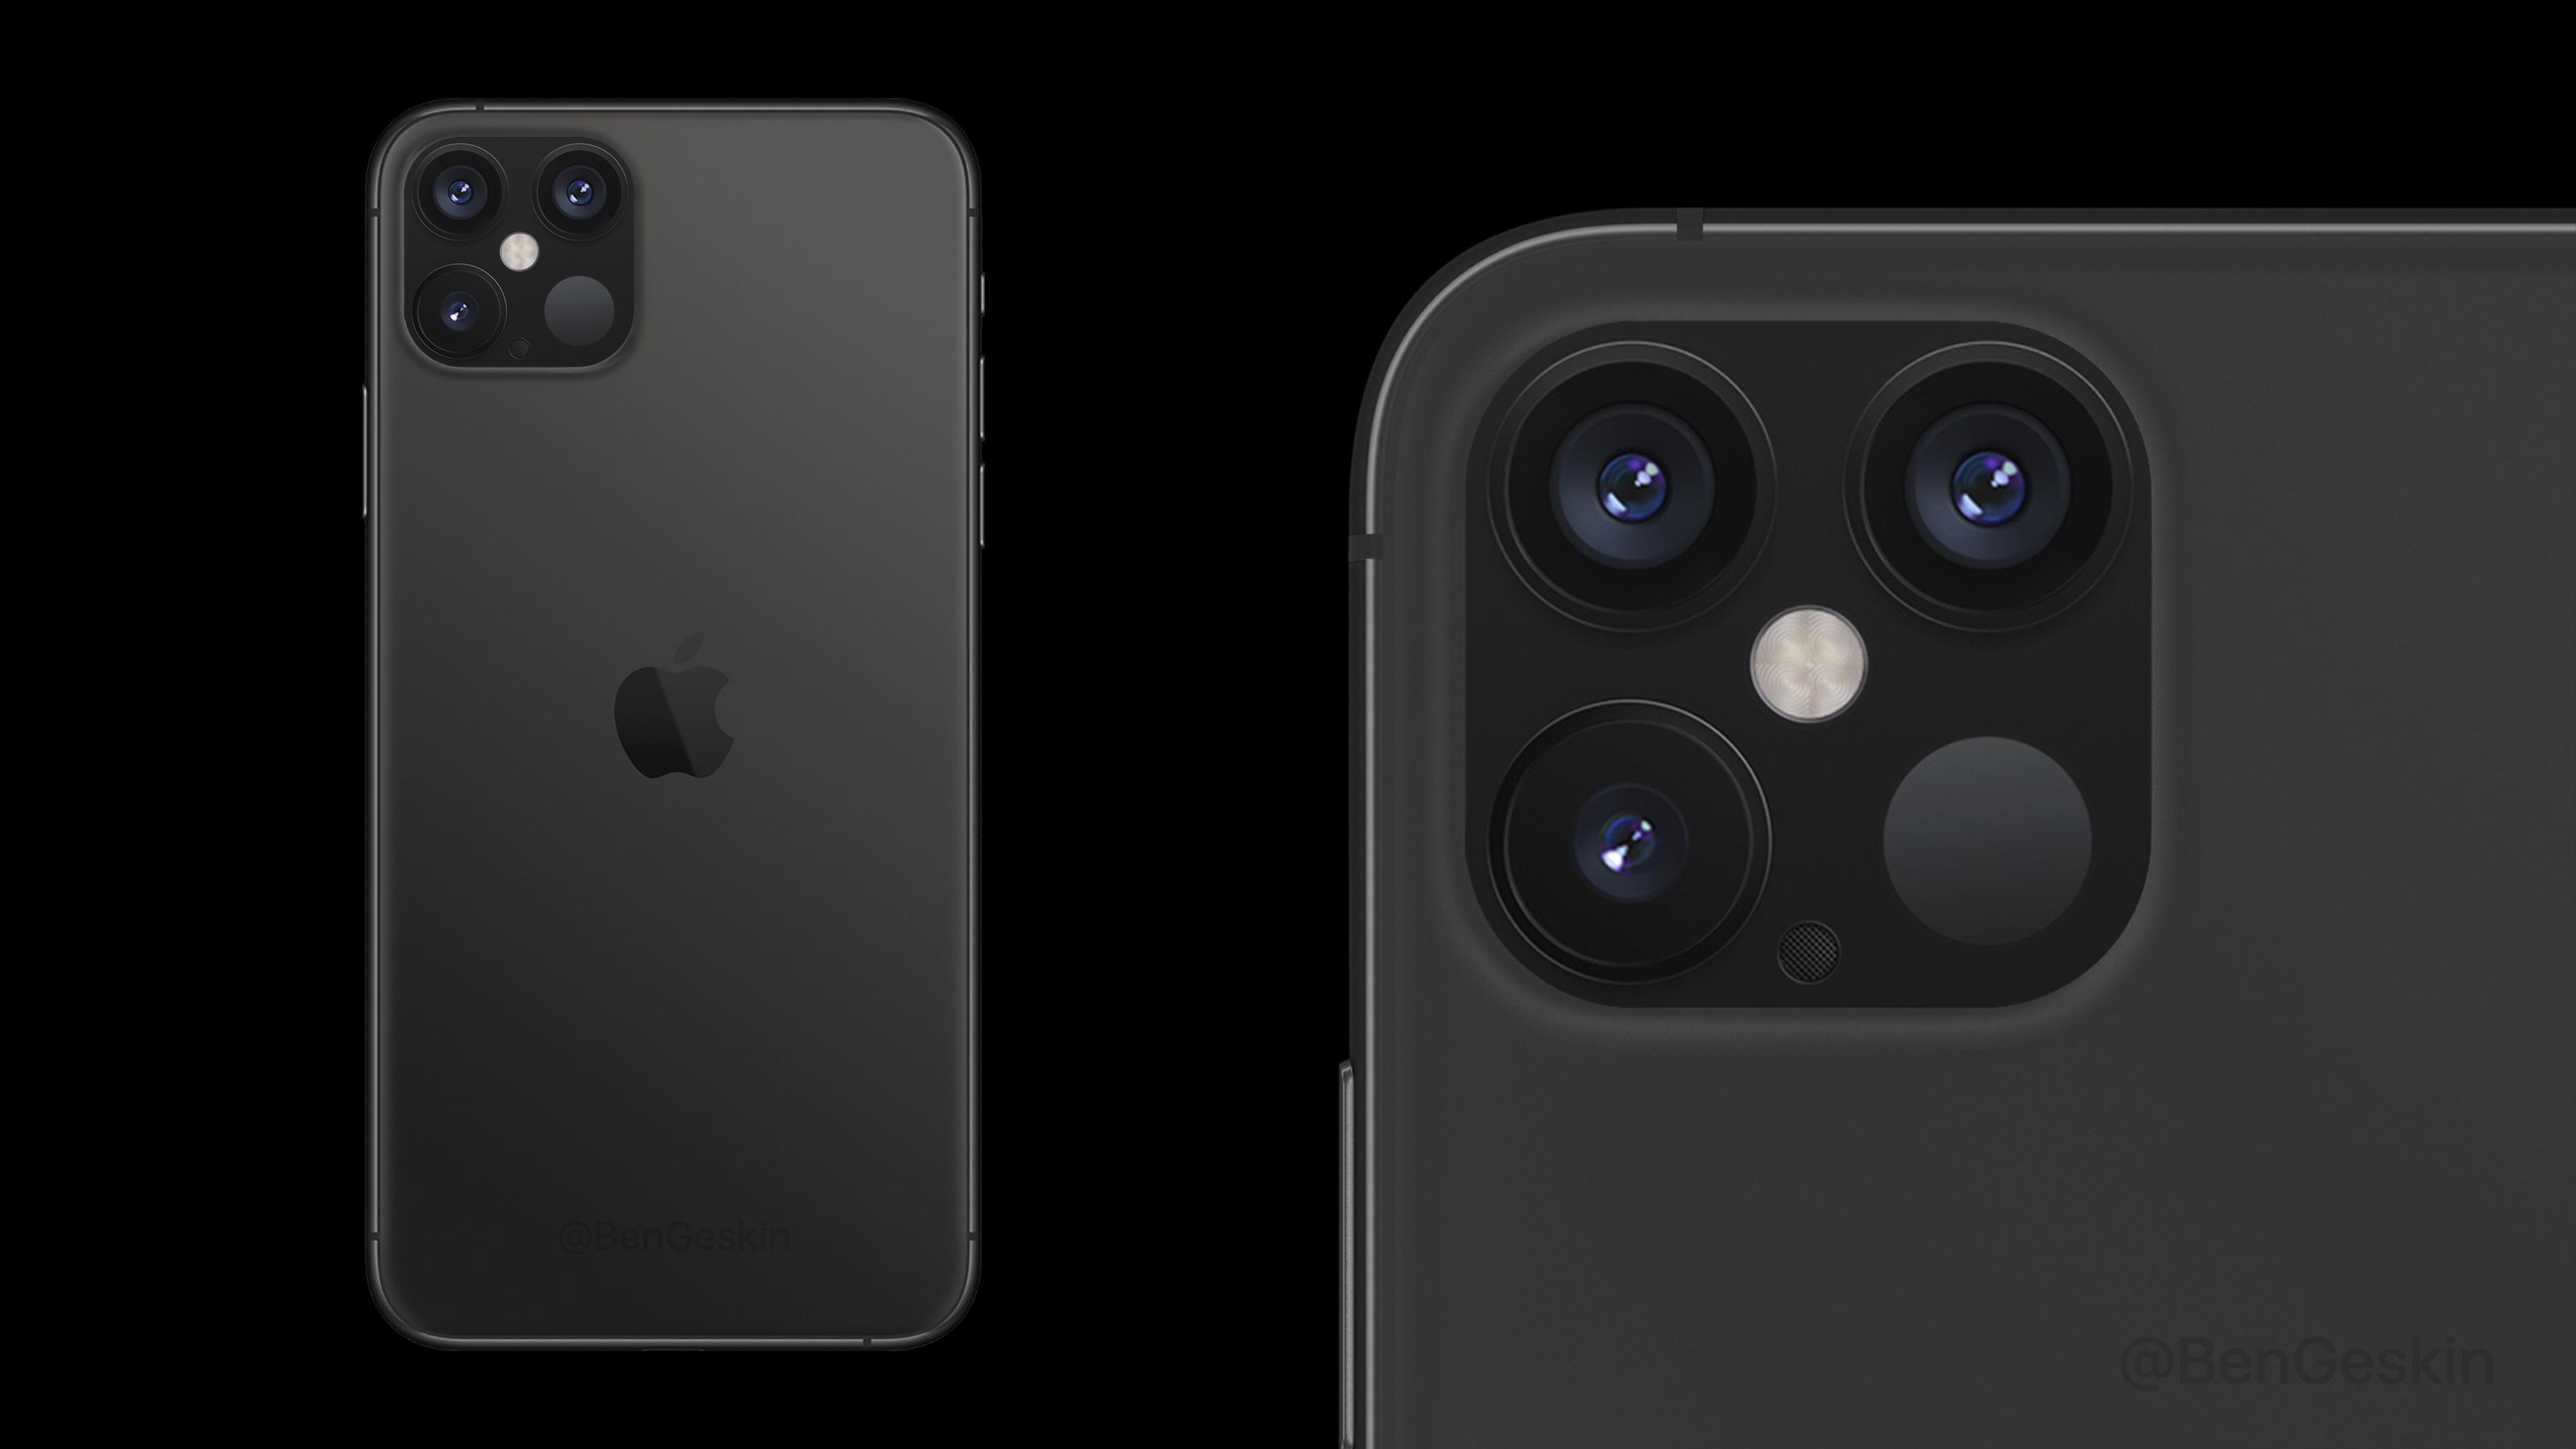 618 iPhone 12銷量領先 庫克:我就喜歡你討厭我而干不掉我的樣子